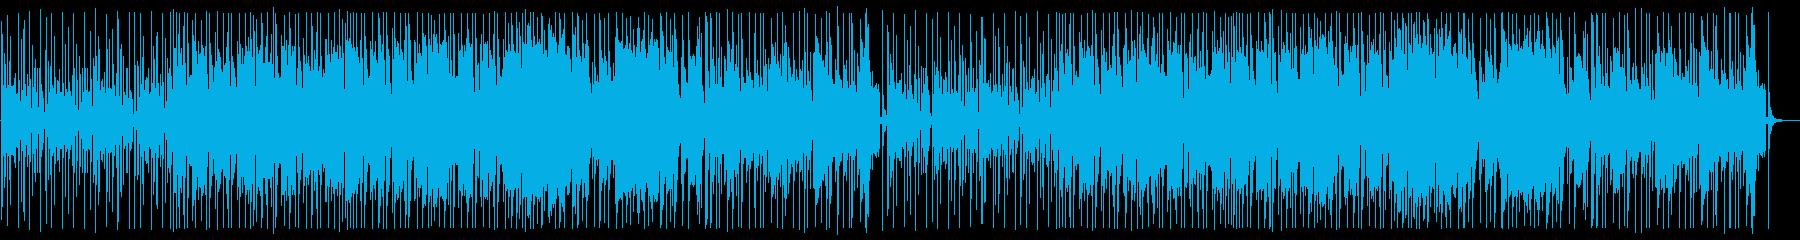 YouTube エレキ・ファンク・軽快の再生済みの波形